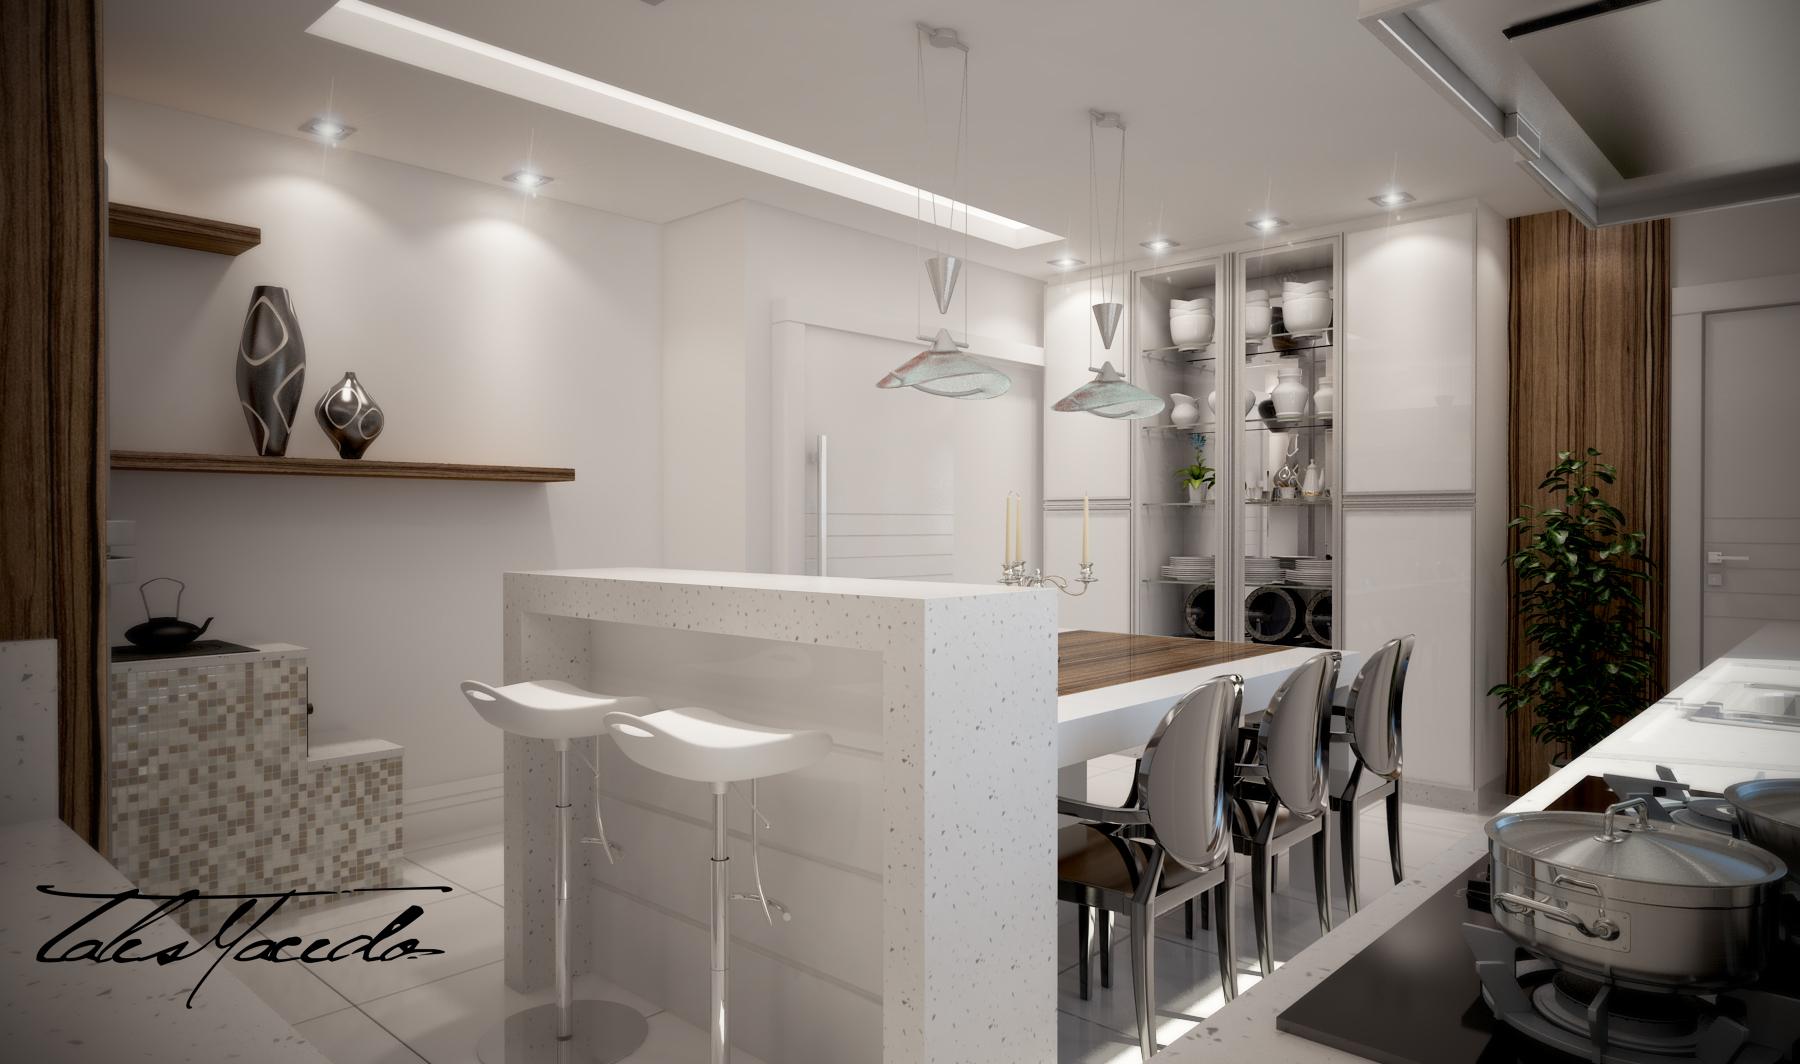 apartamento arquitetura cozinha decoração iluminação kitchen  #2F261E 1800 1064